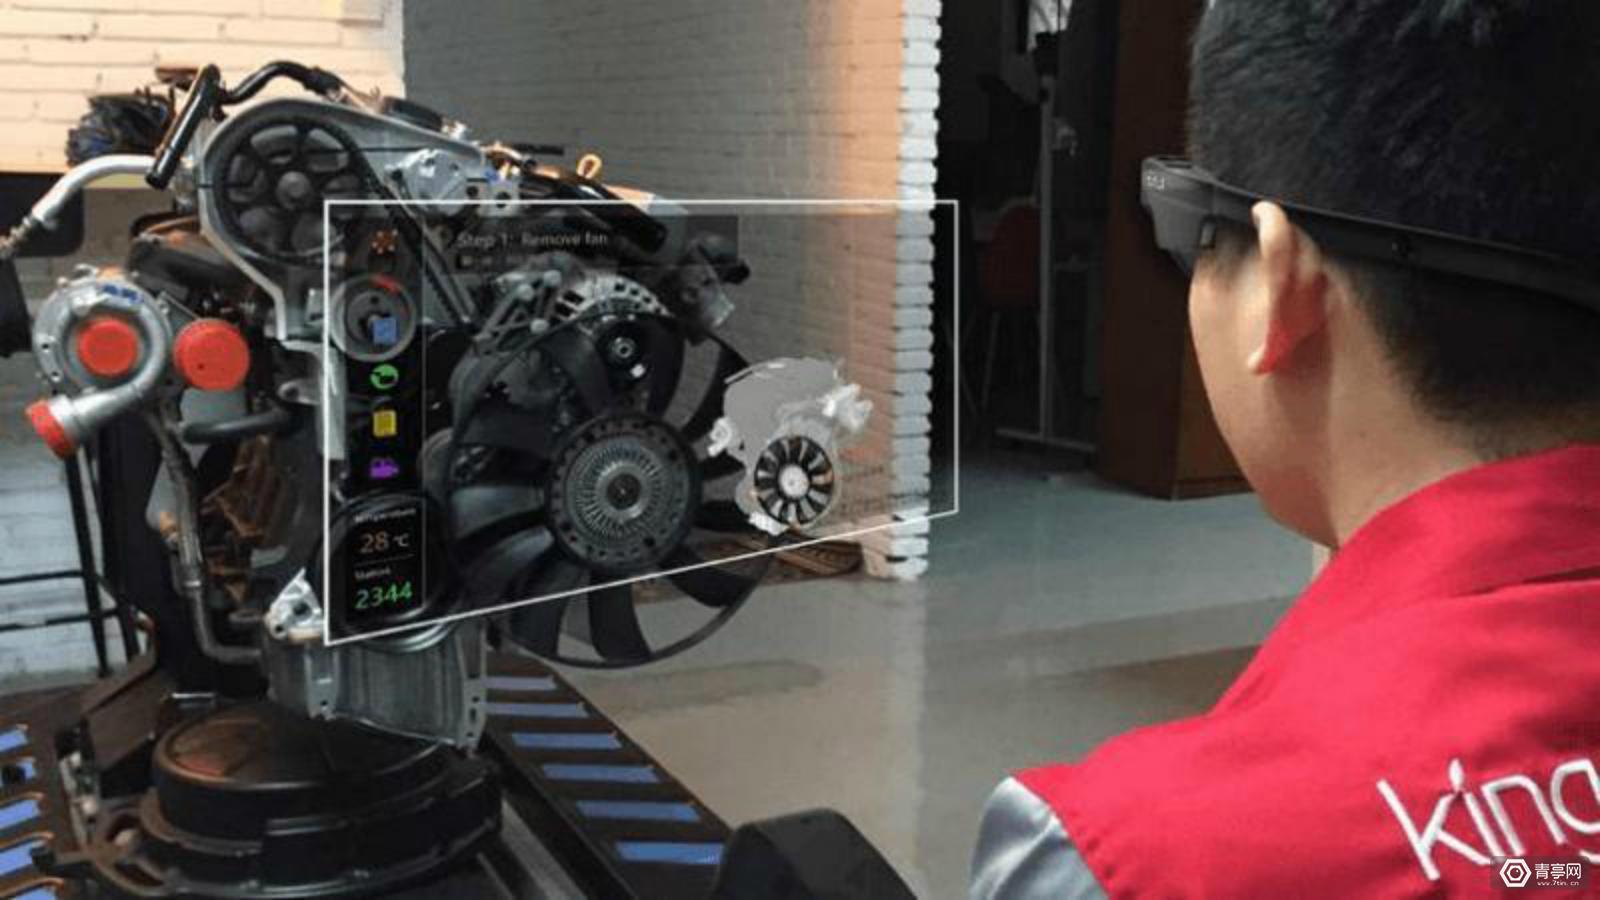 首发 | 三一重工领投,AR眼镜公司0glass完成数千万A轮融资